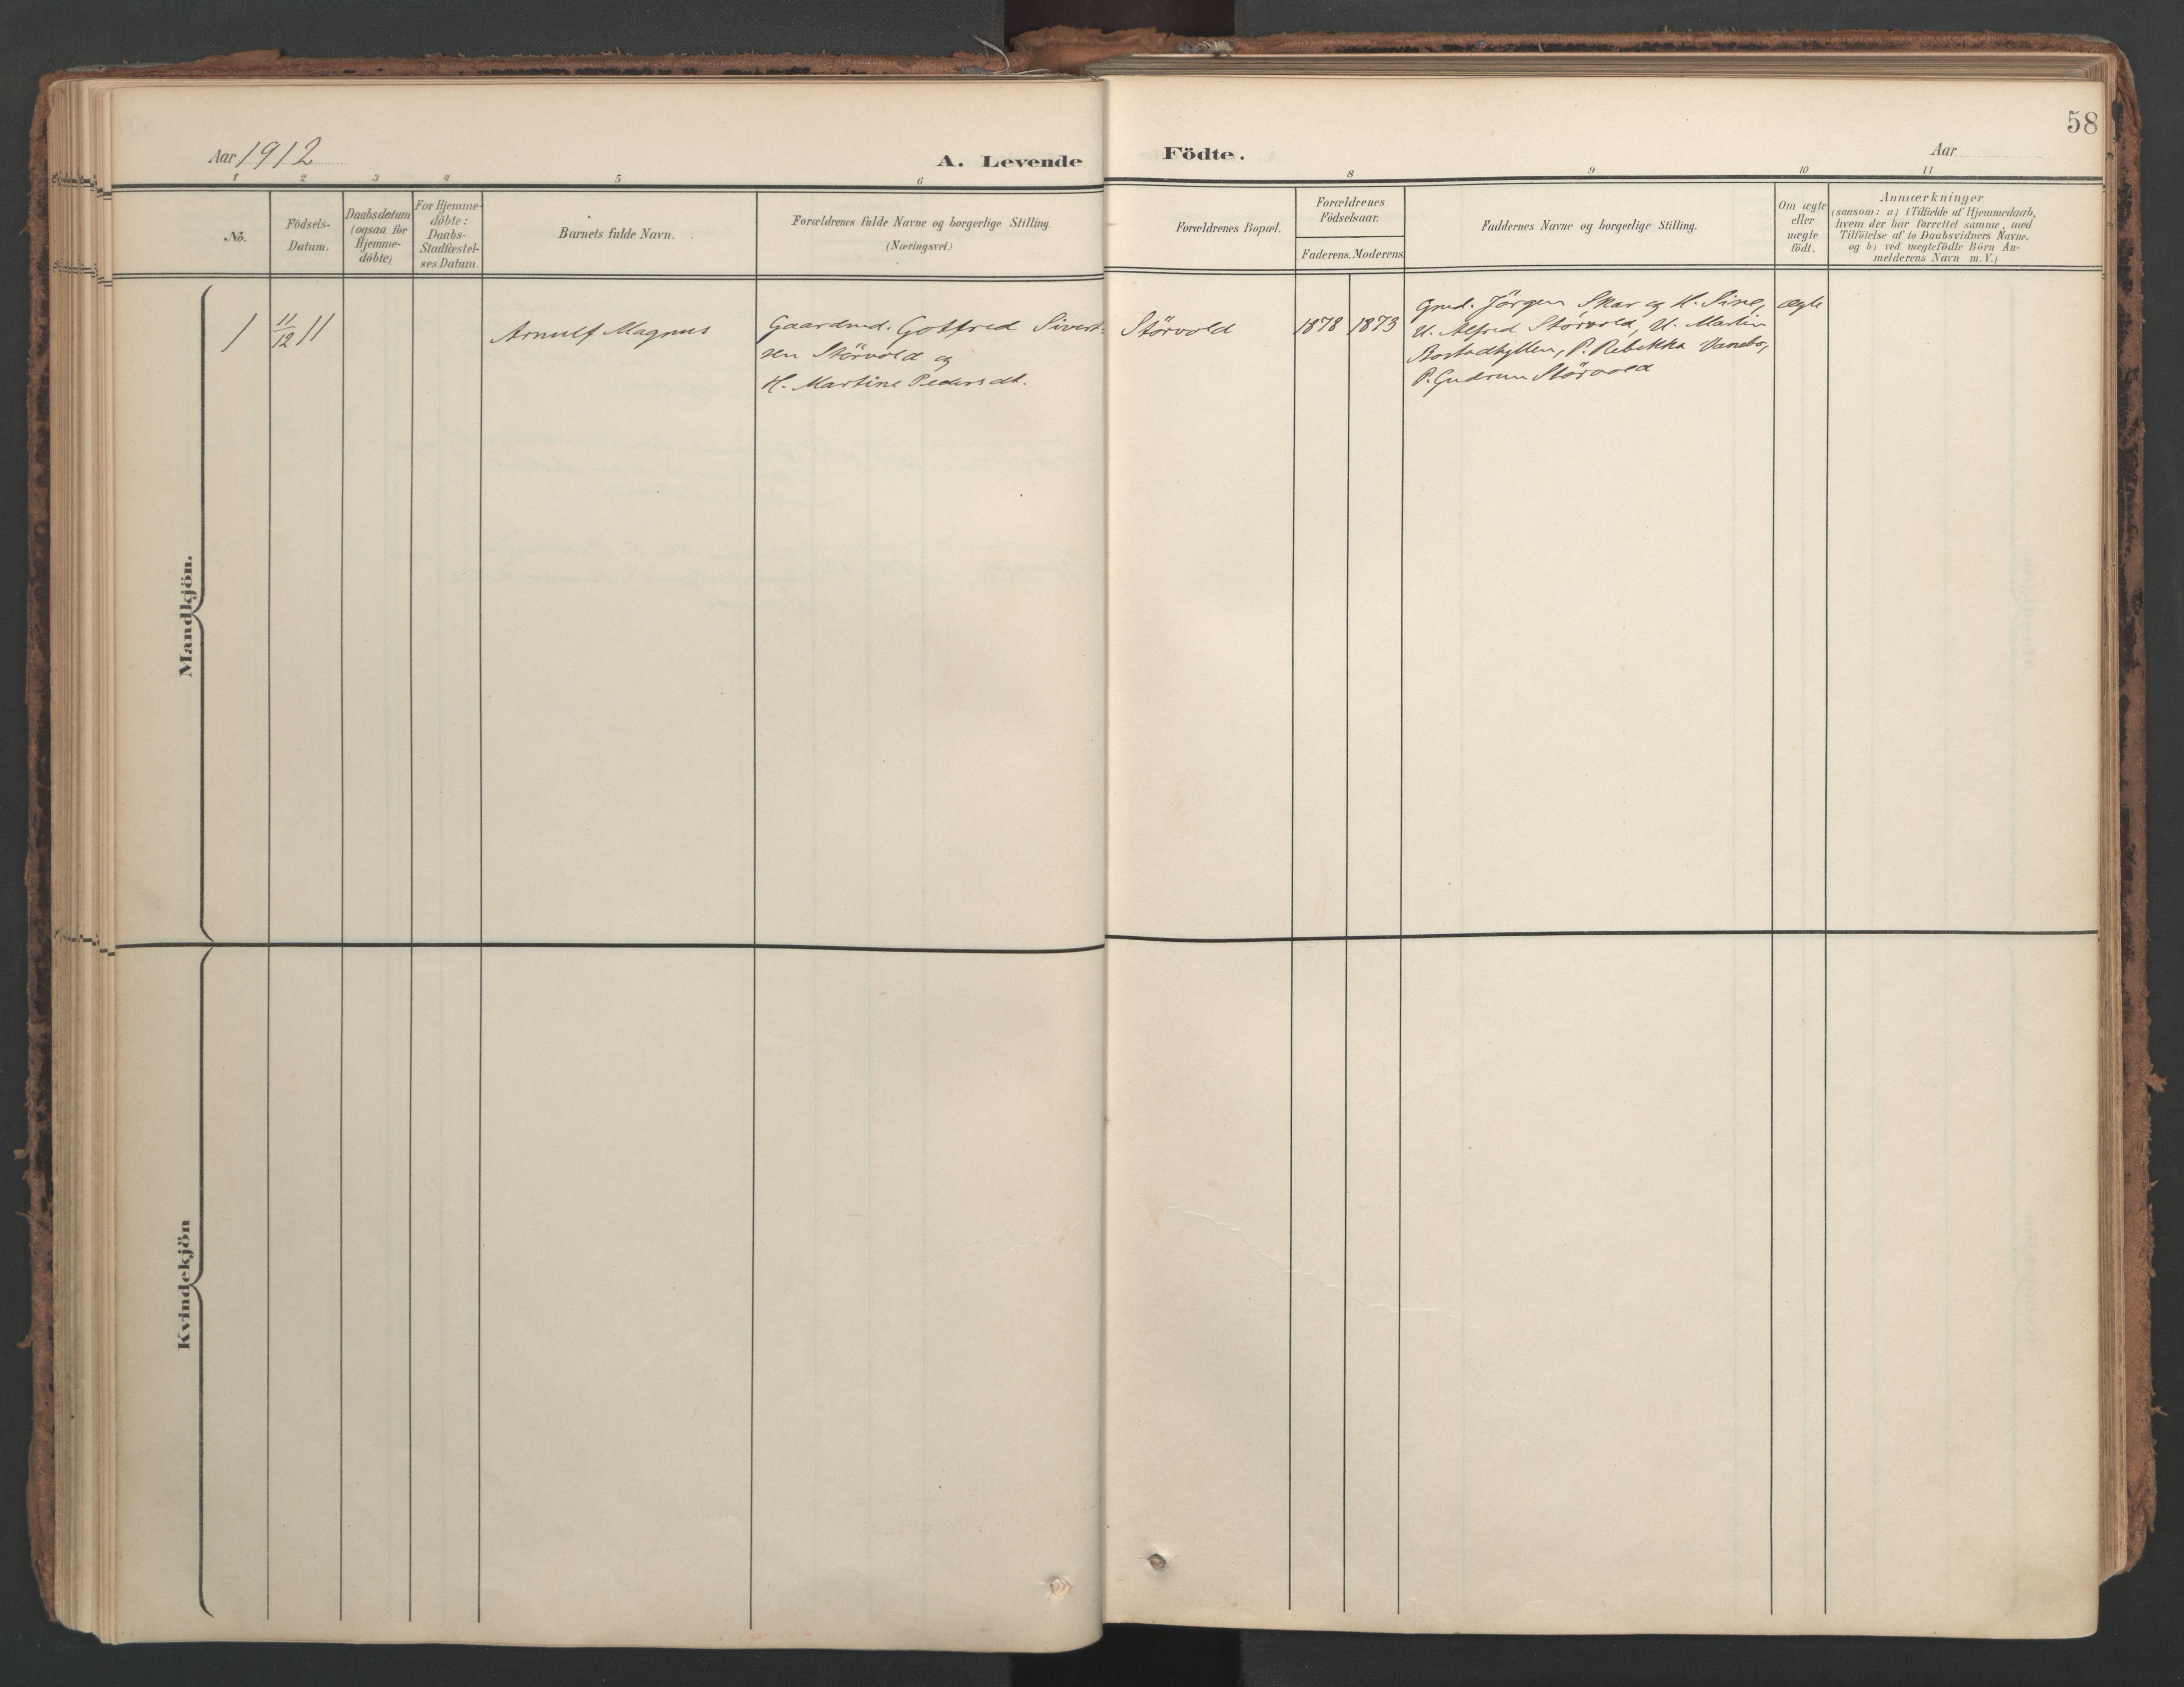 SAT, Ministerialprotokoller, klokkerbøker og fødselsregistre - Nord-Trøndelag, 741/L0397: Ministerialbok nr. 741A11, 1901-1911, s. 58